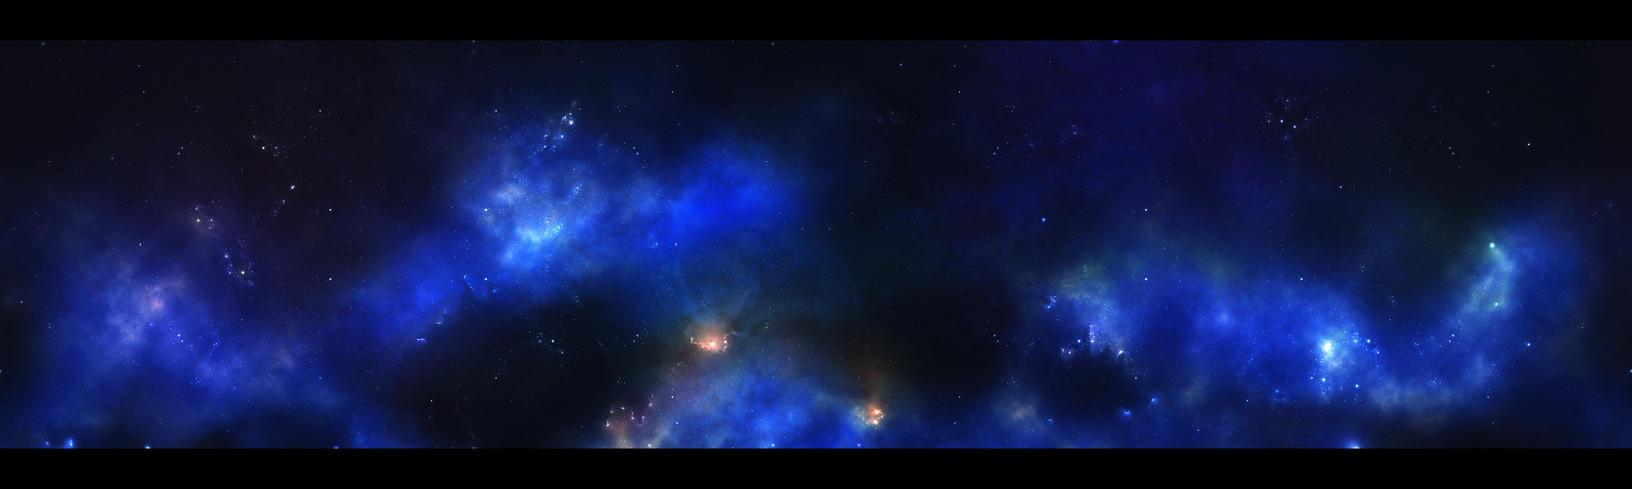 Blue Blue Sky - horizontal by Krzyzowiec